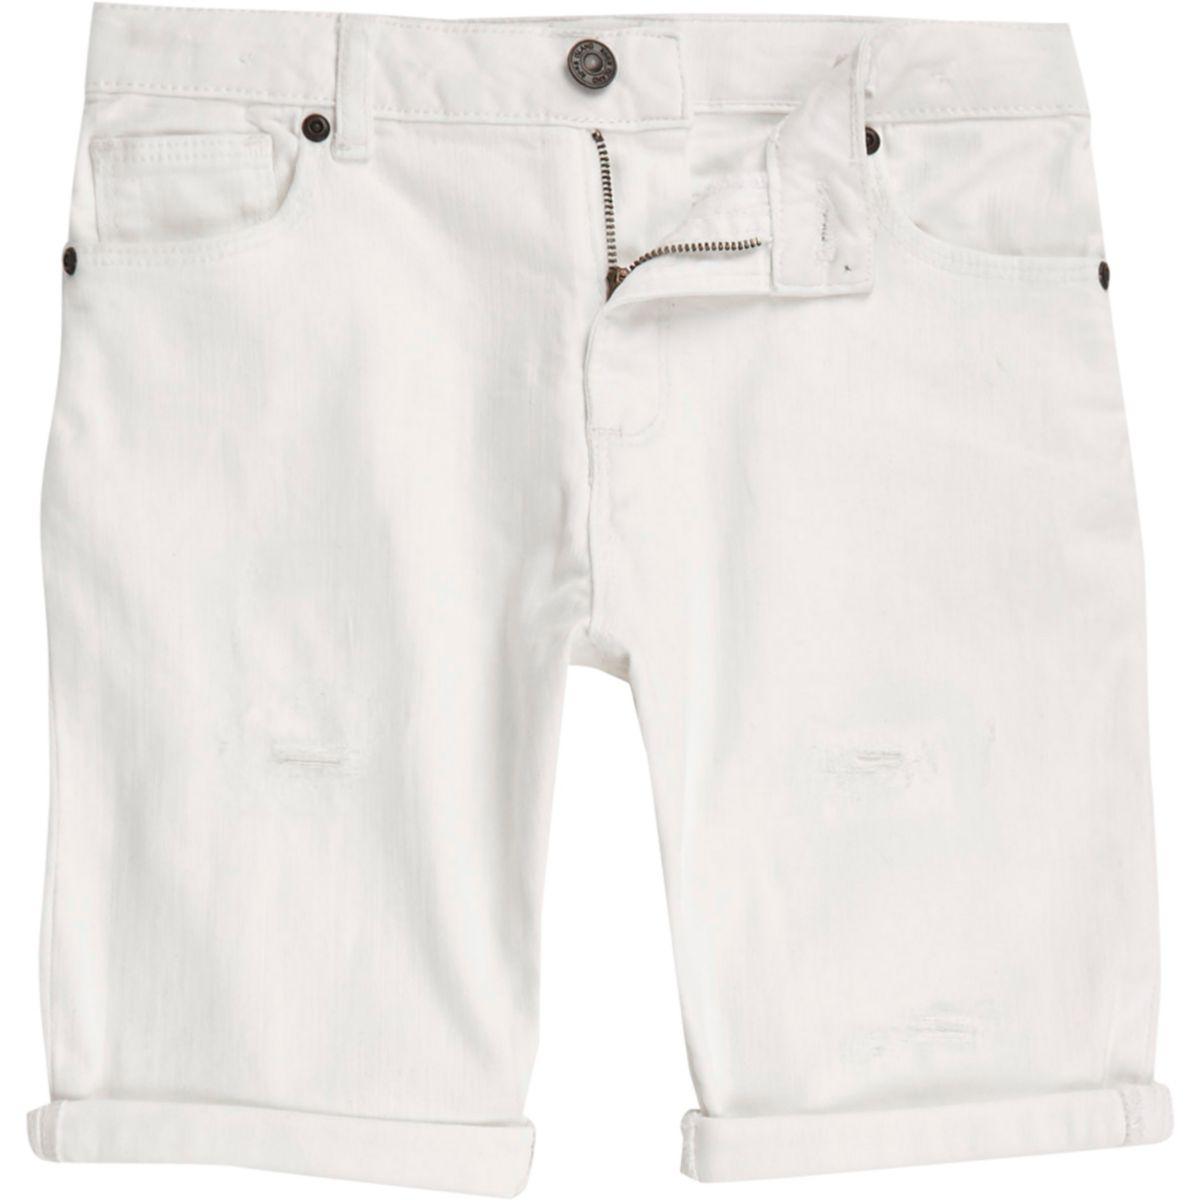 Boys white ripped denim shorts